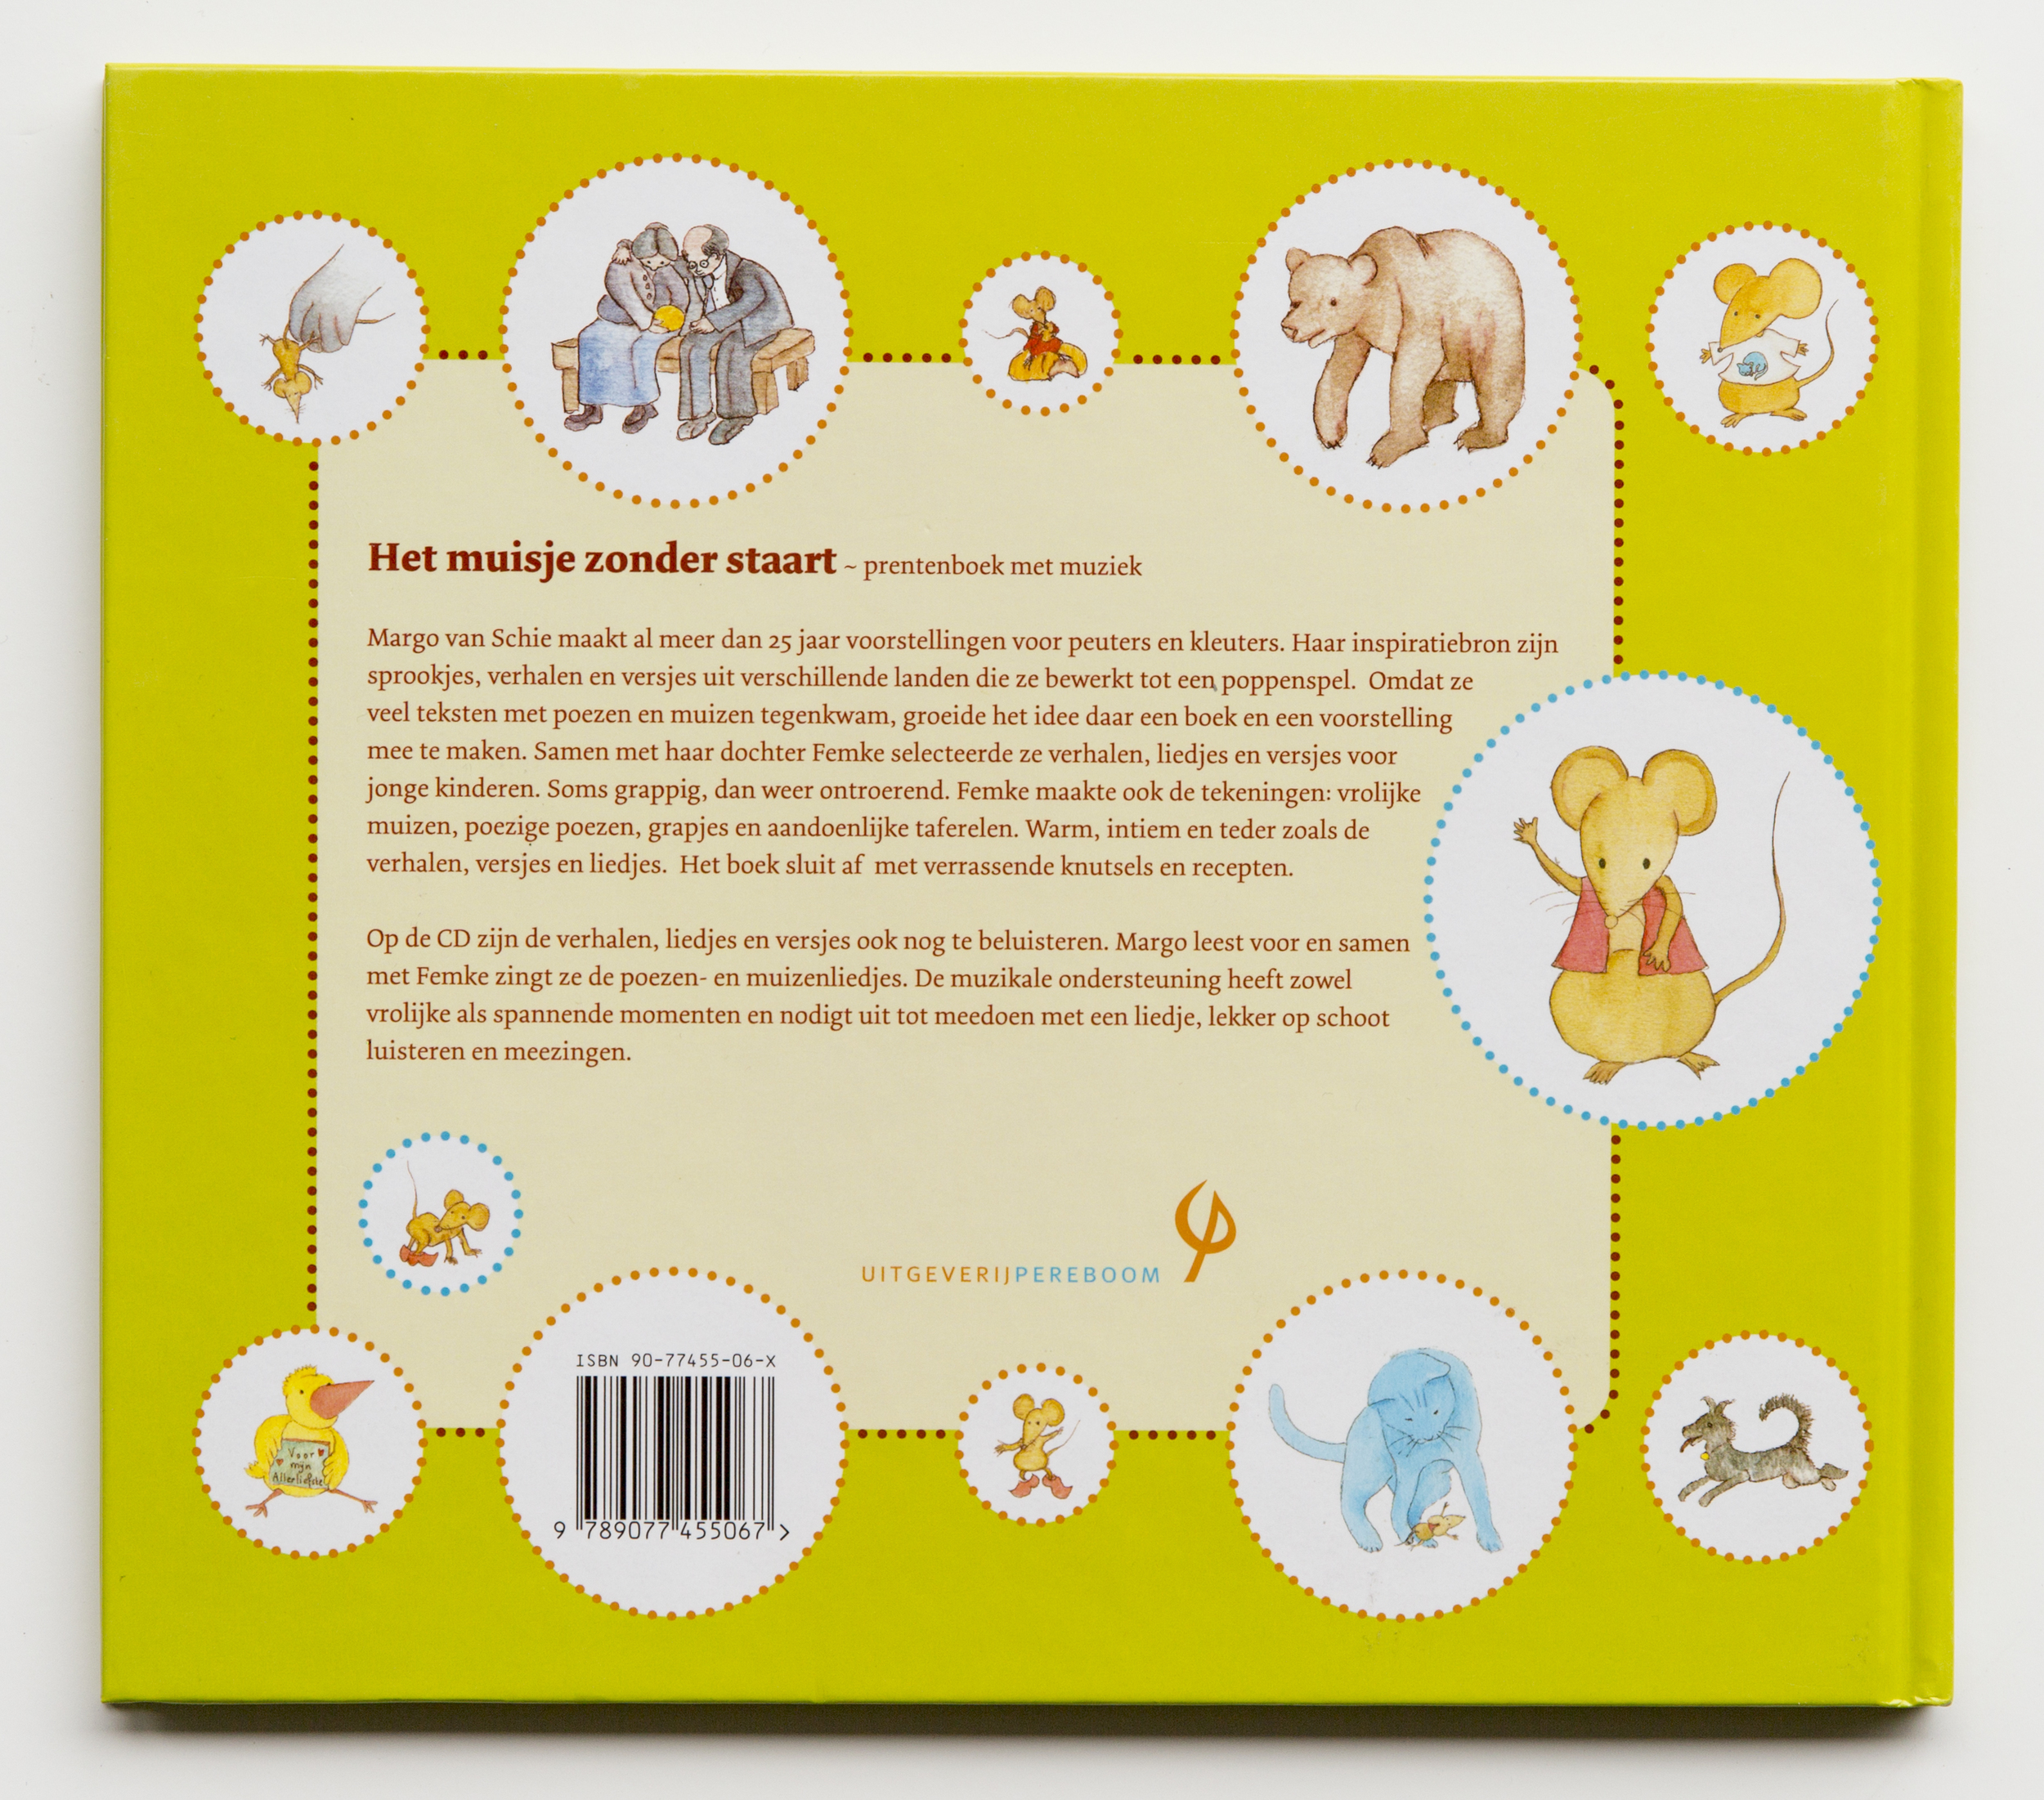 Het muisje zonder staartboek_3.JPG